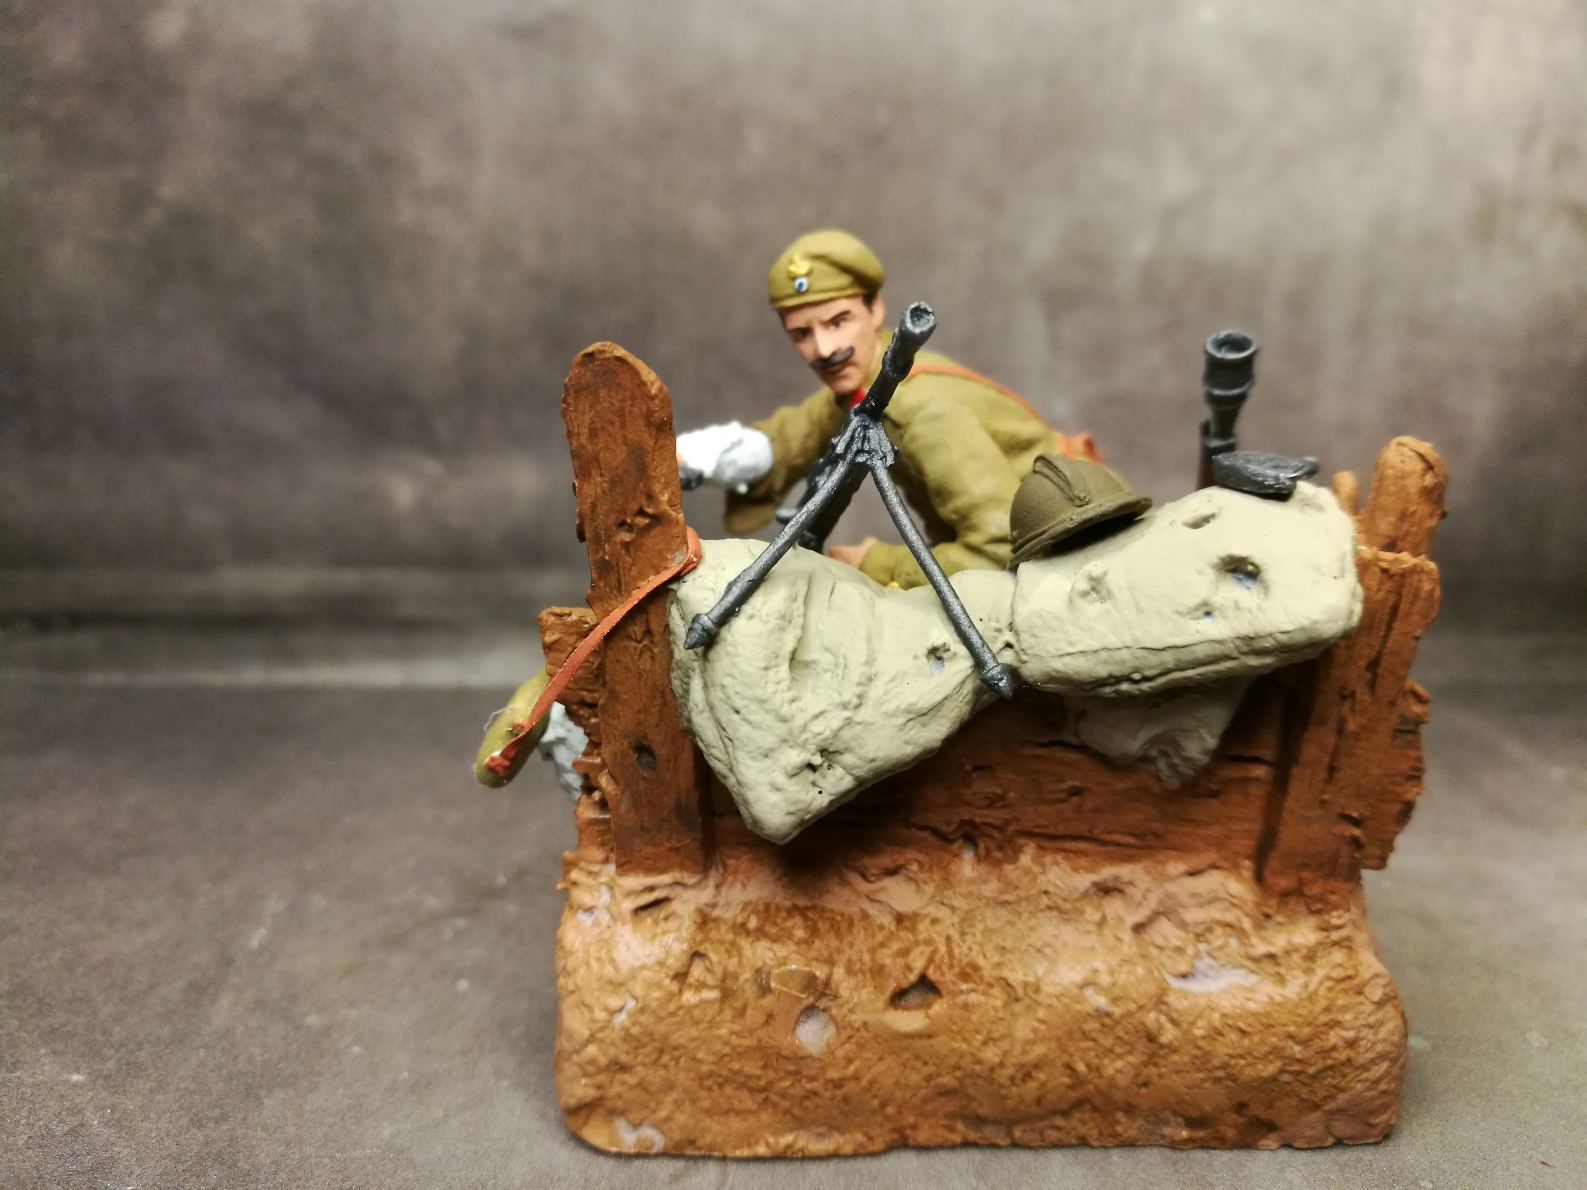 Ευζωνας, Μικρά Ασία, Στρατός